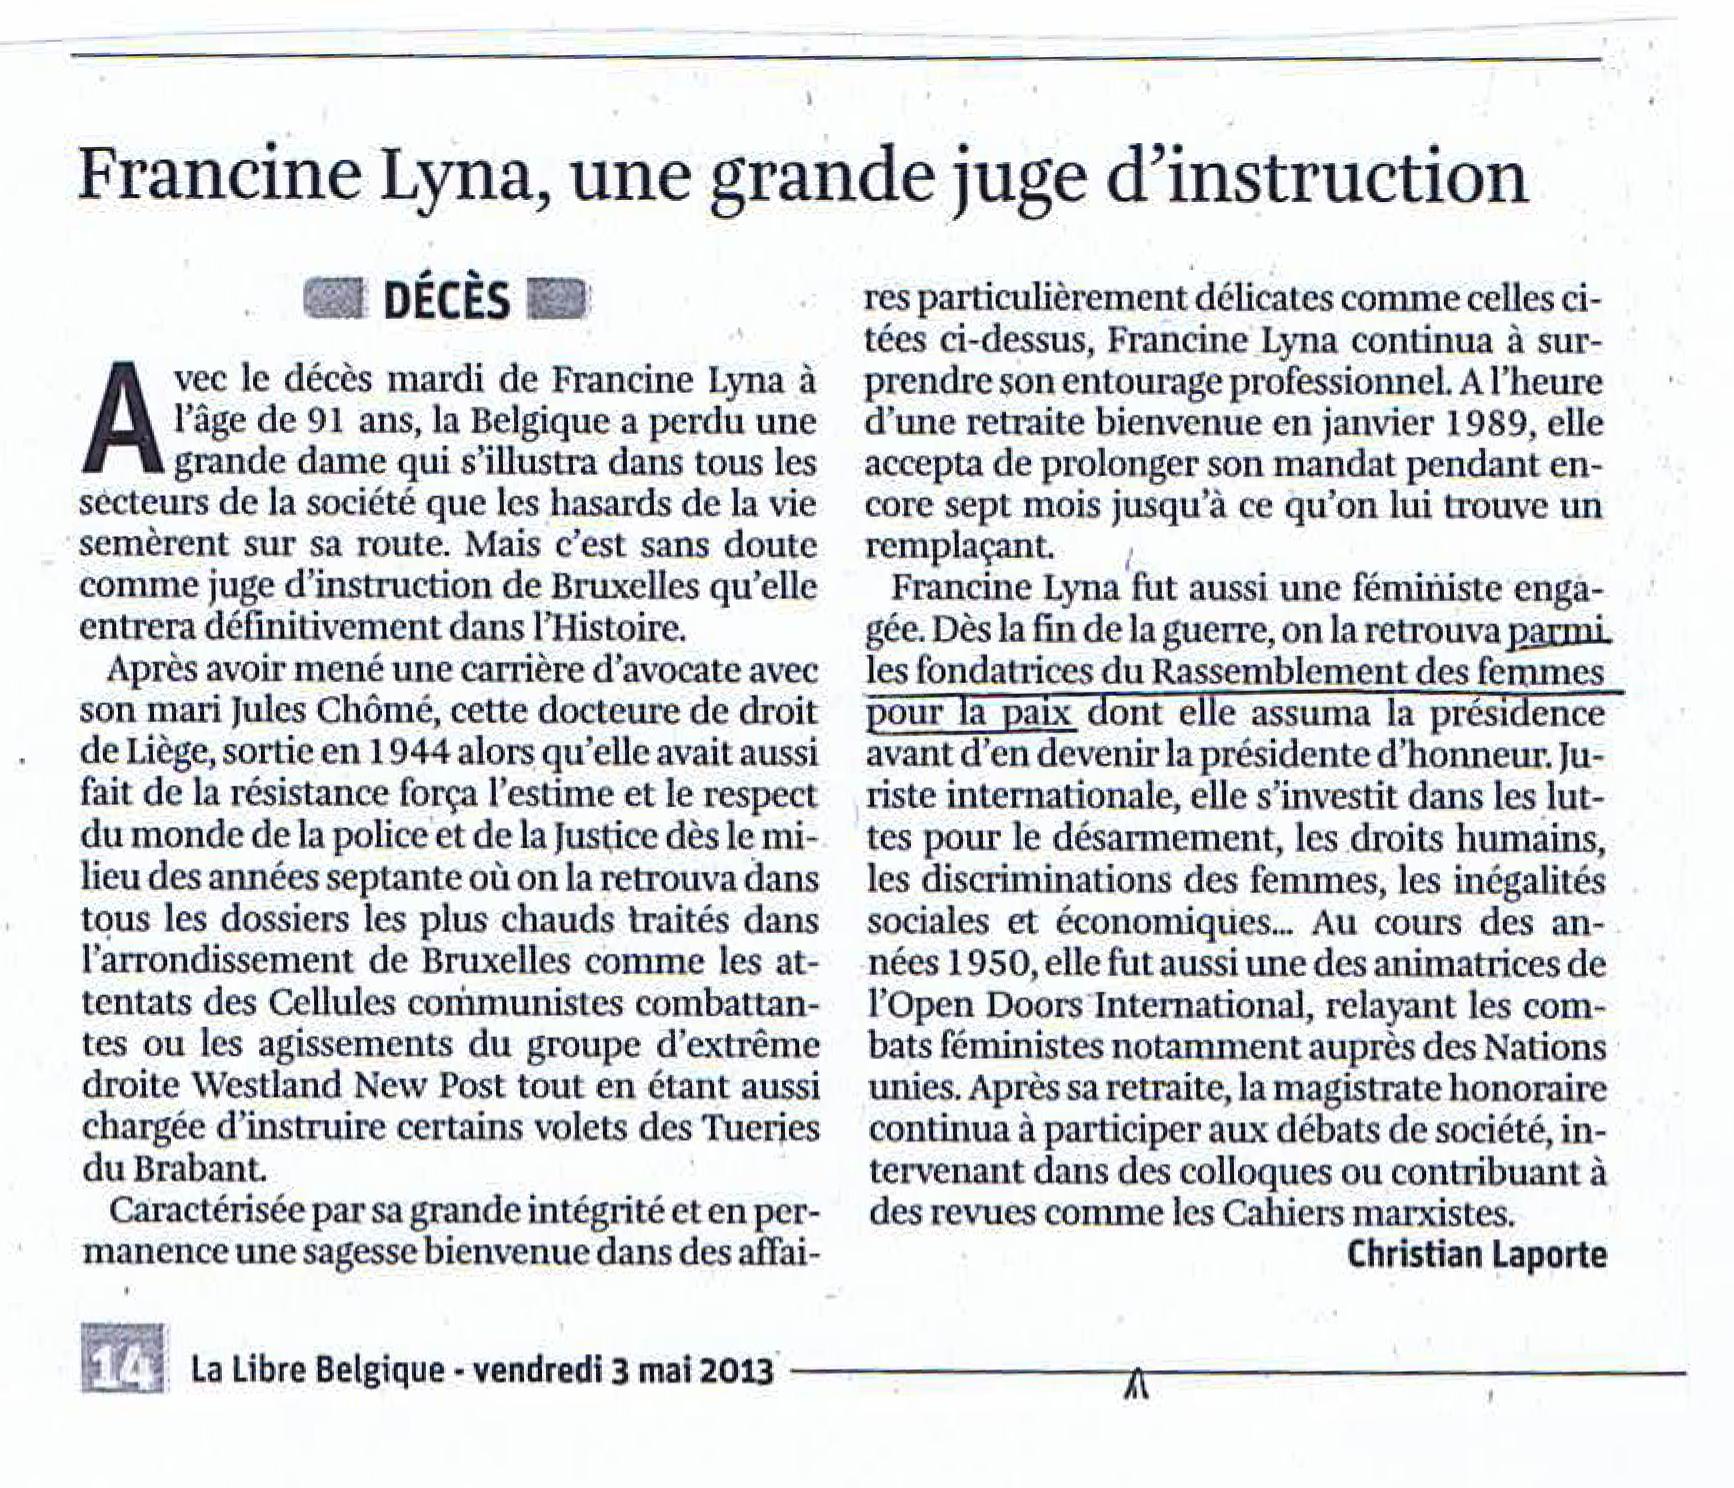 Article de Christian Laporte sur Francine Lyna - La Libre Belgique